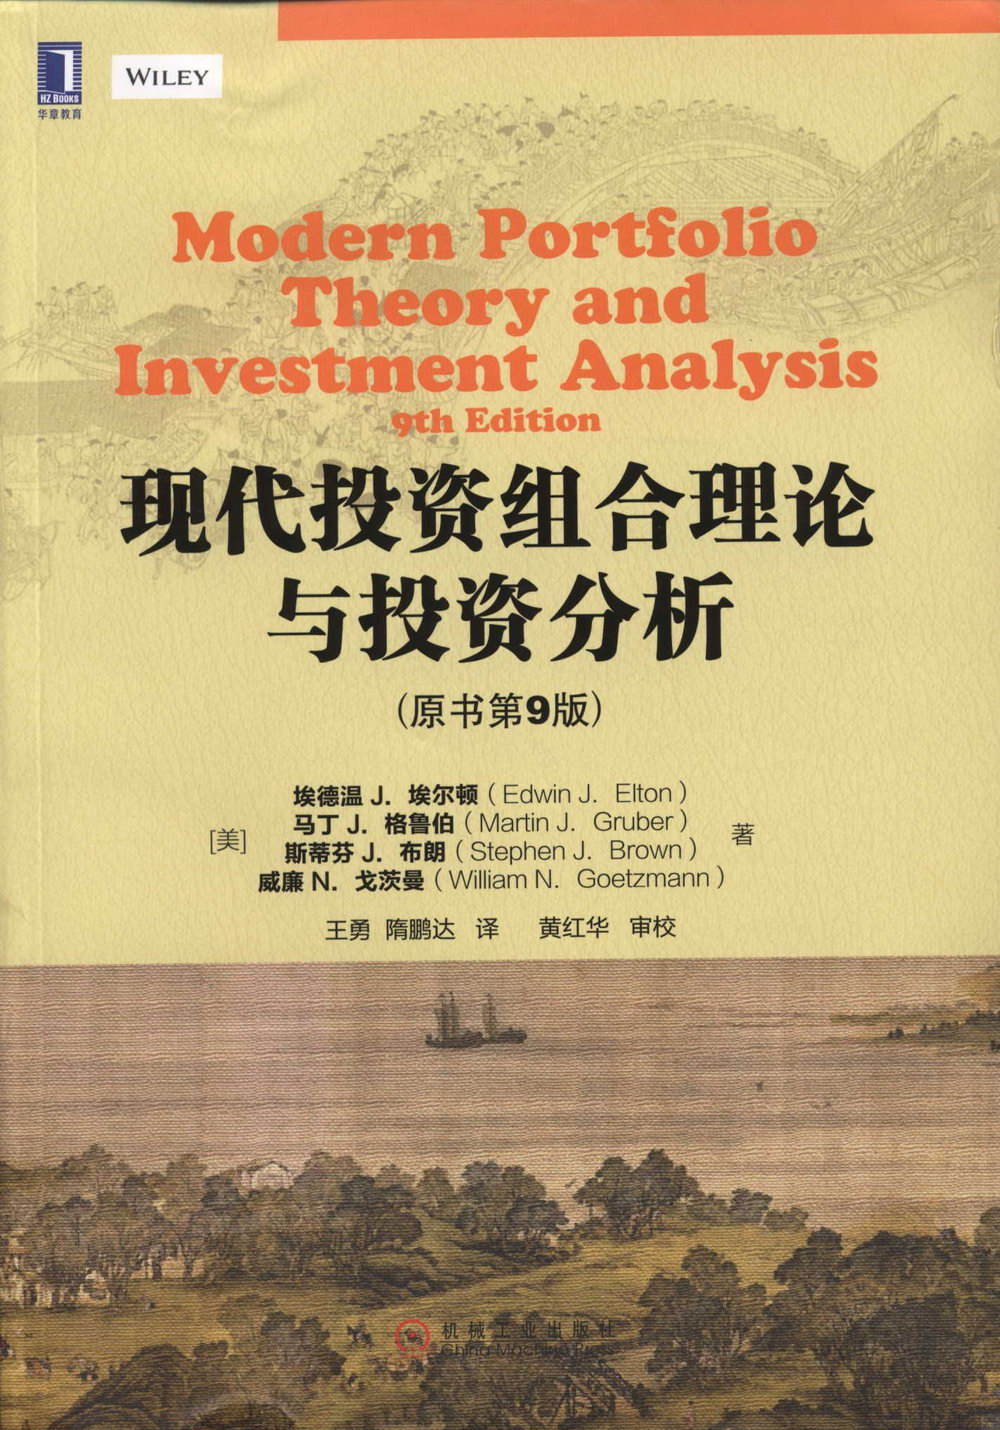 現代投資組合理論與投資分析(原書第9版)